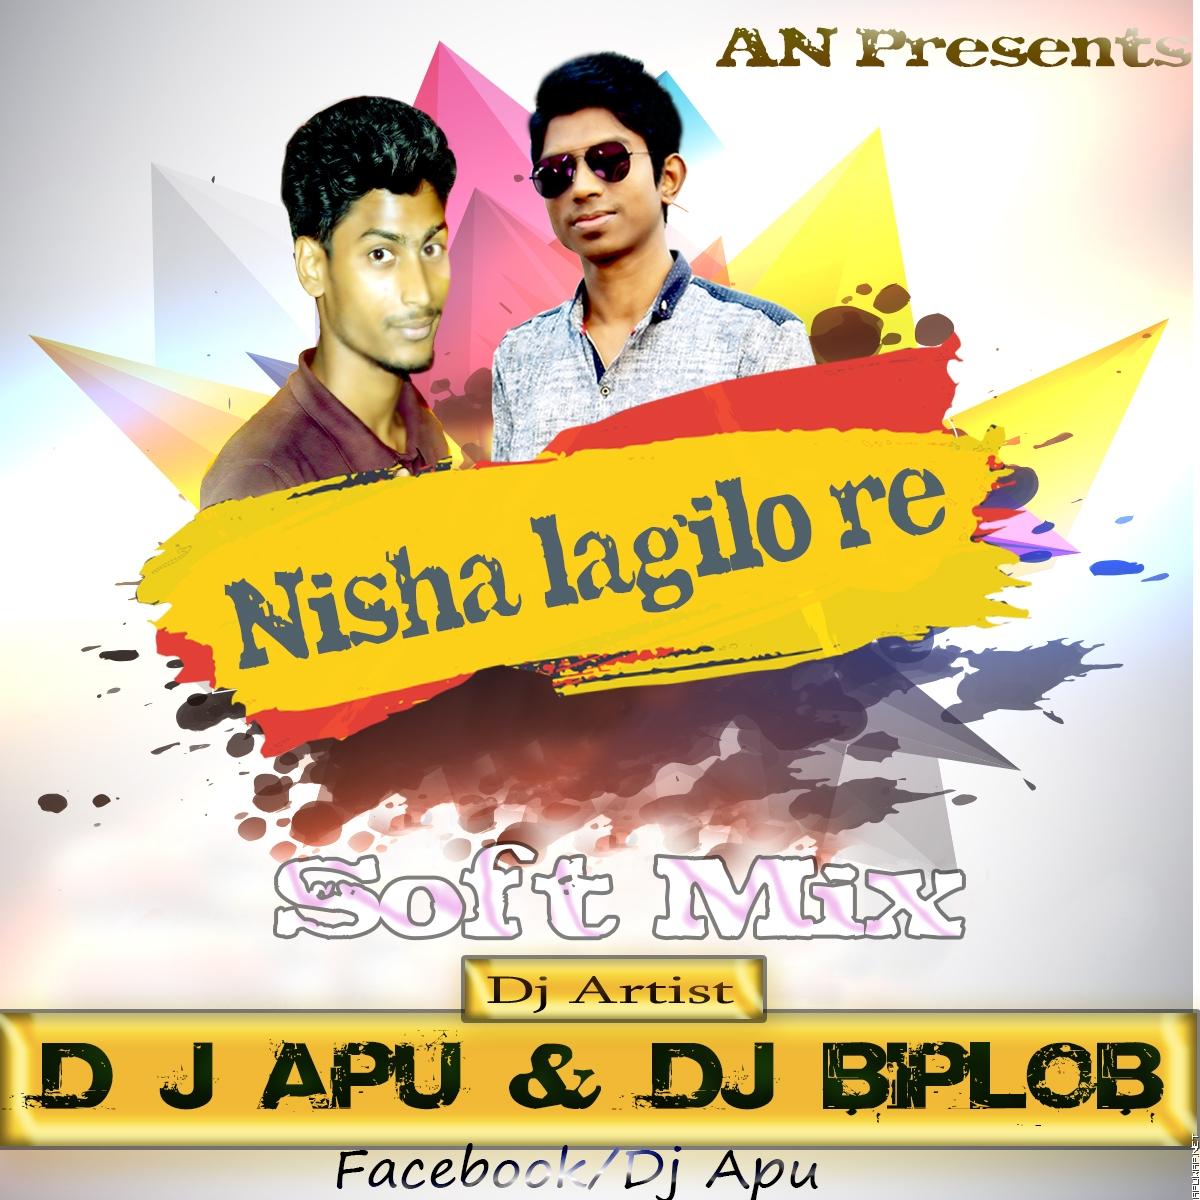 Nisha Lagilo Re (Soft Mix) D j Apu & Dj Biplob [ApuWap.Net].mp3